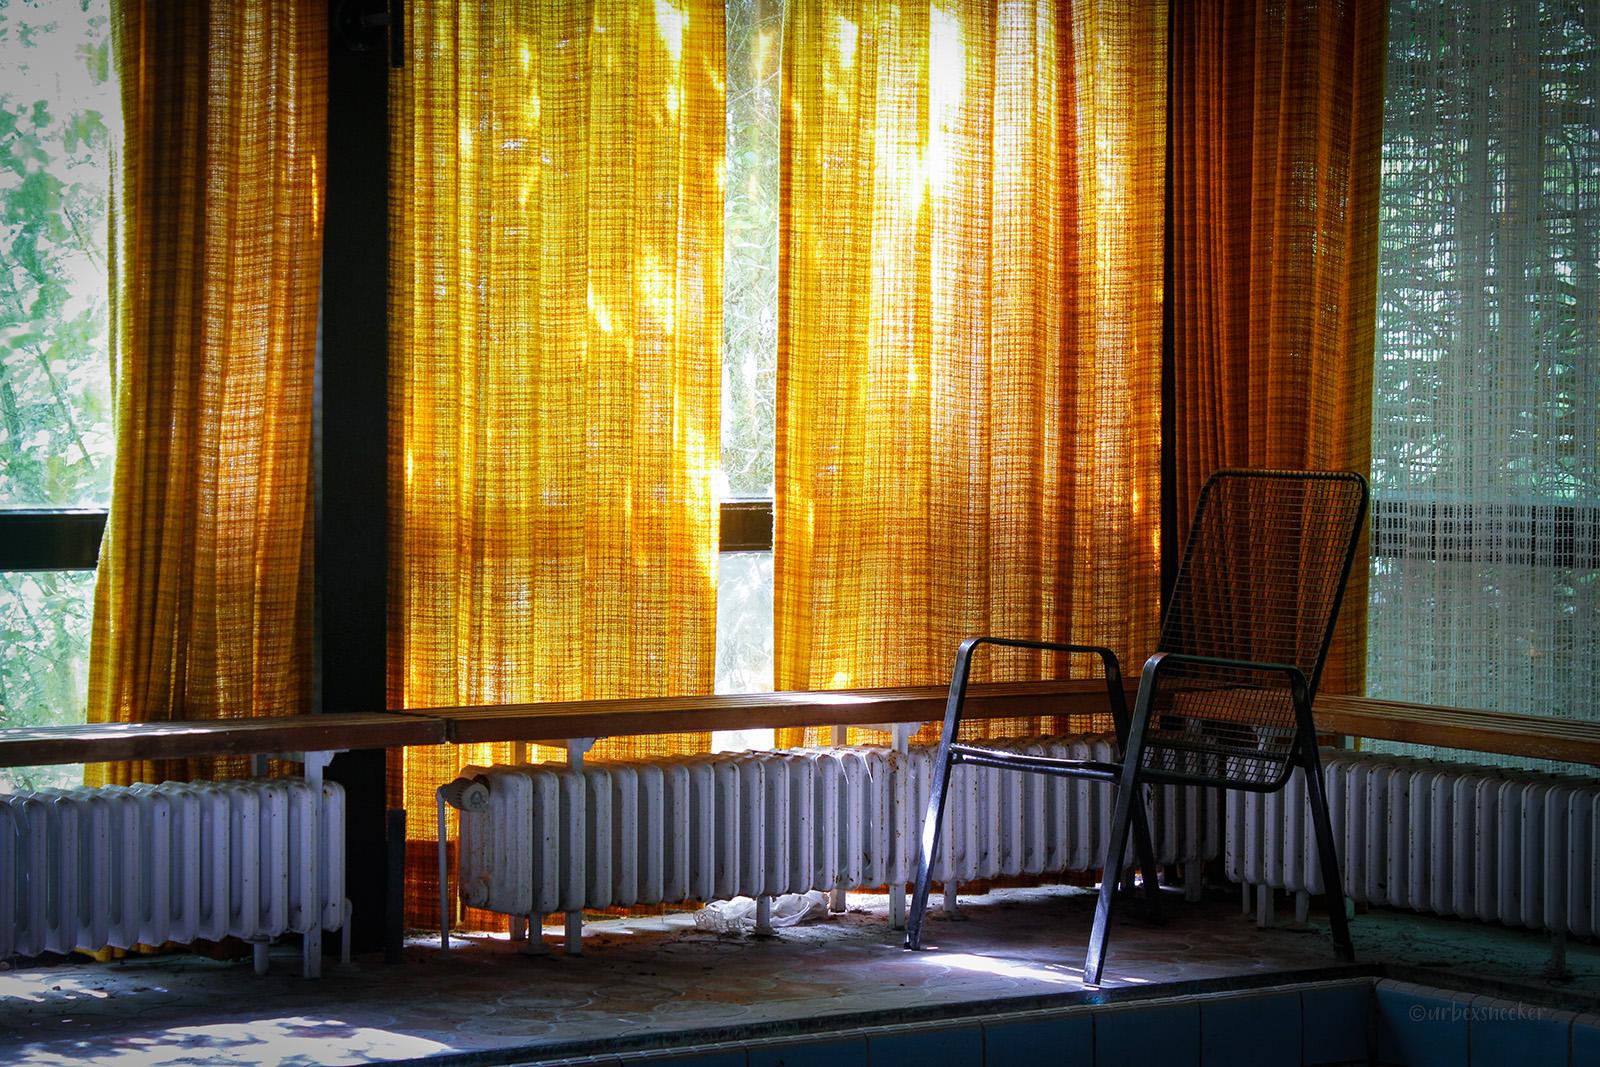 lost Gitterstuhl Hotel Teddy MG_5270